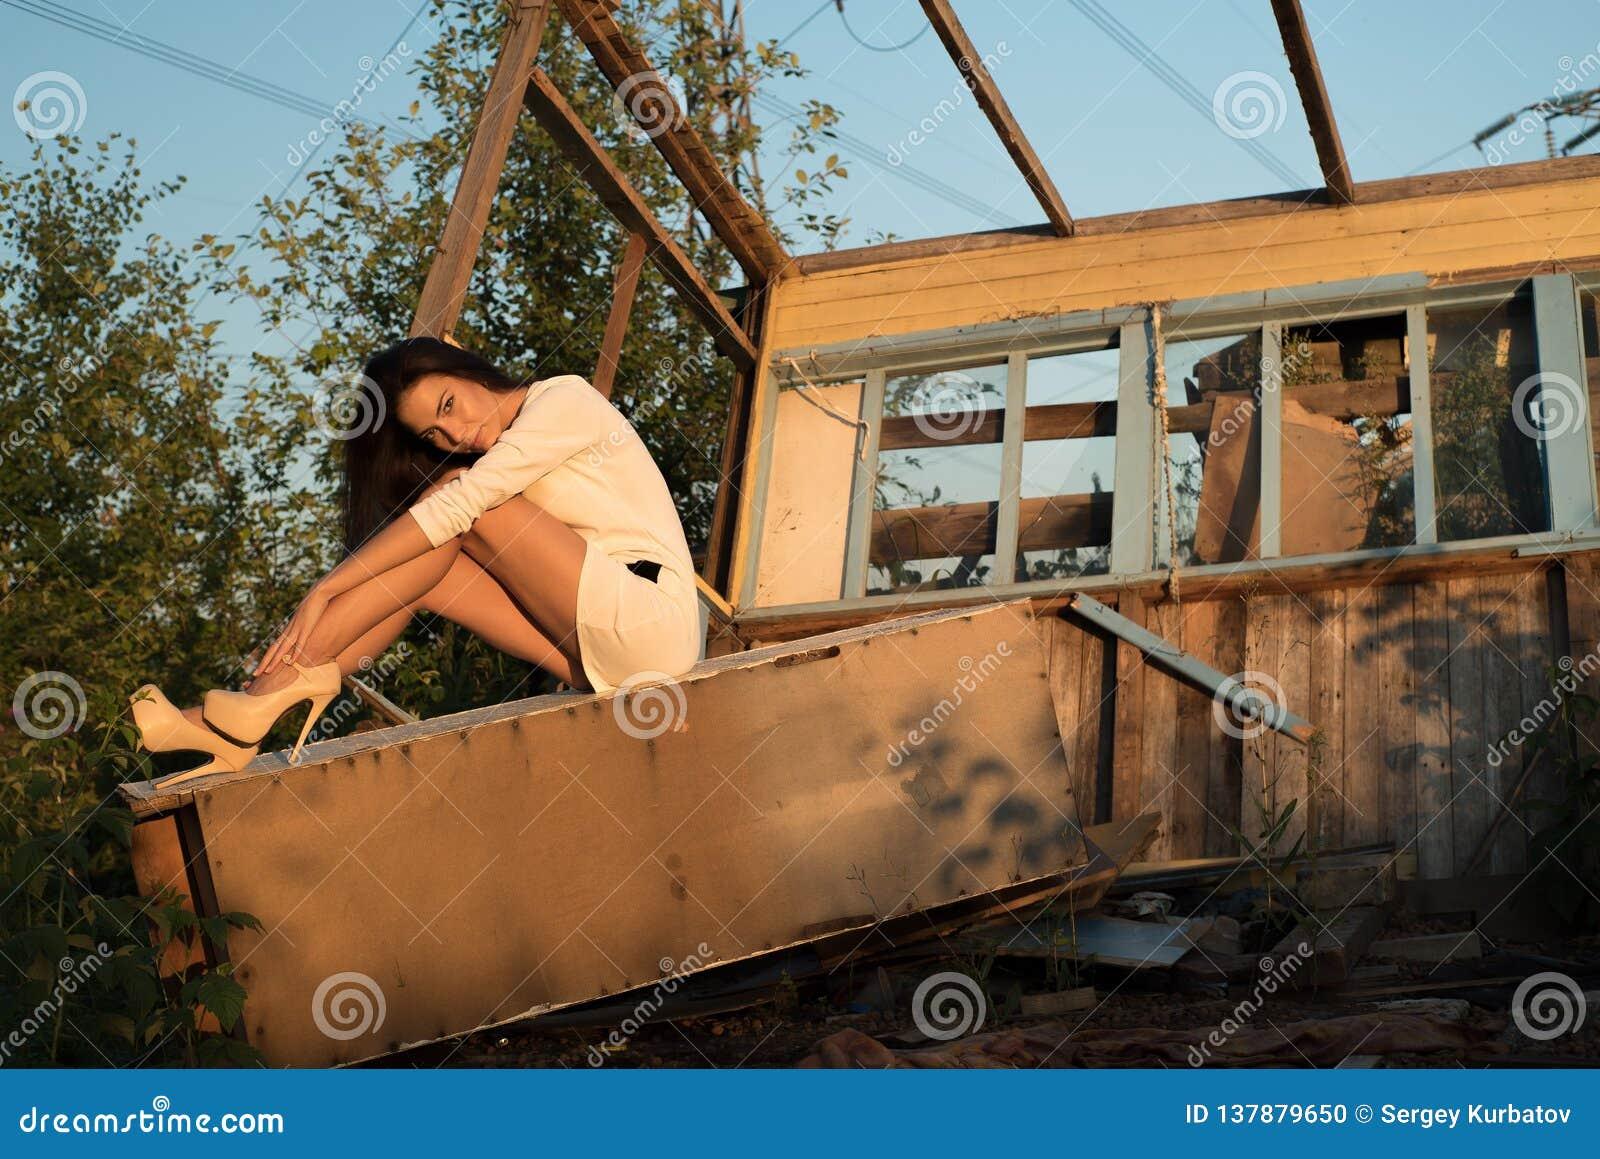 Портрет моды молодой женщины, в старом доме, в руинах, сидя